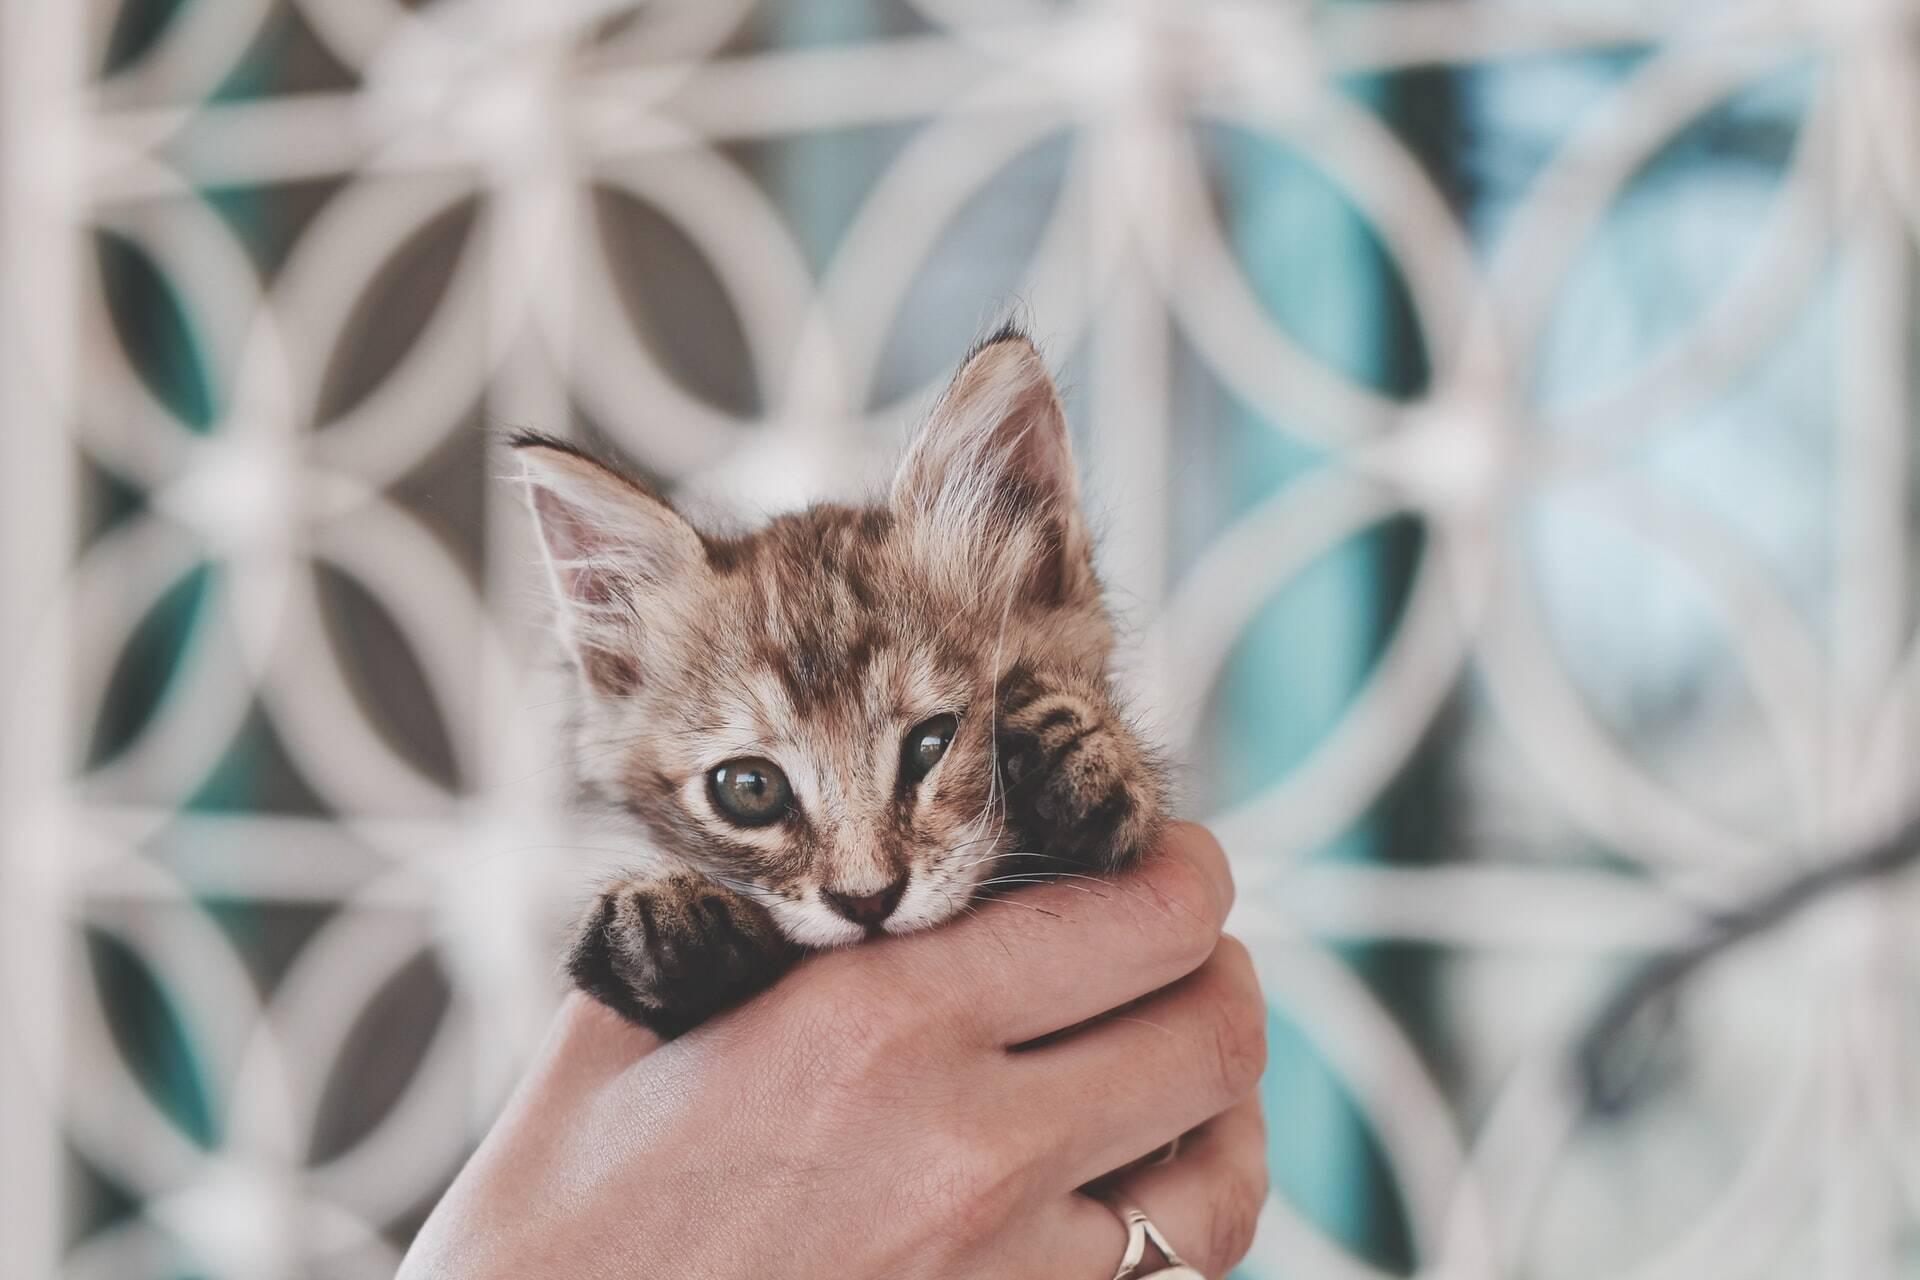 Não sabe que nome dar ao seu gato? Inspire-se nesta lista com personagens famosos